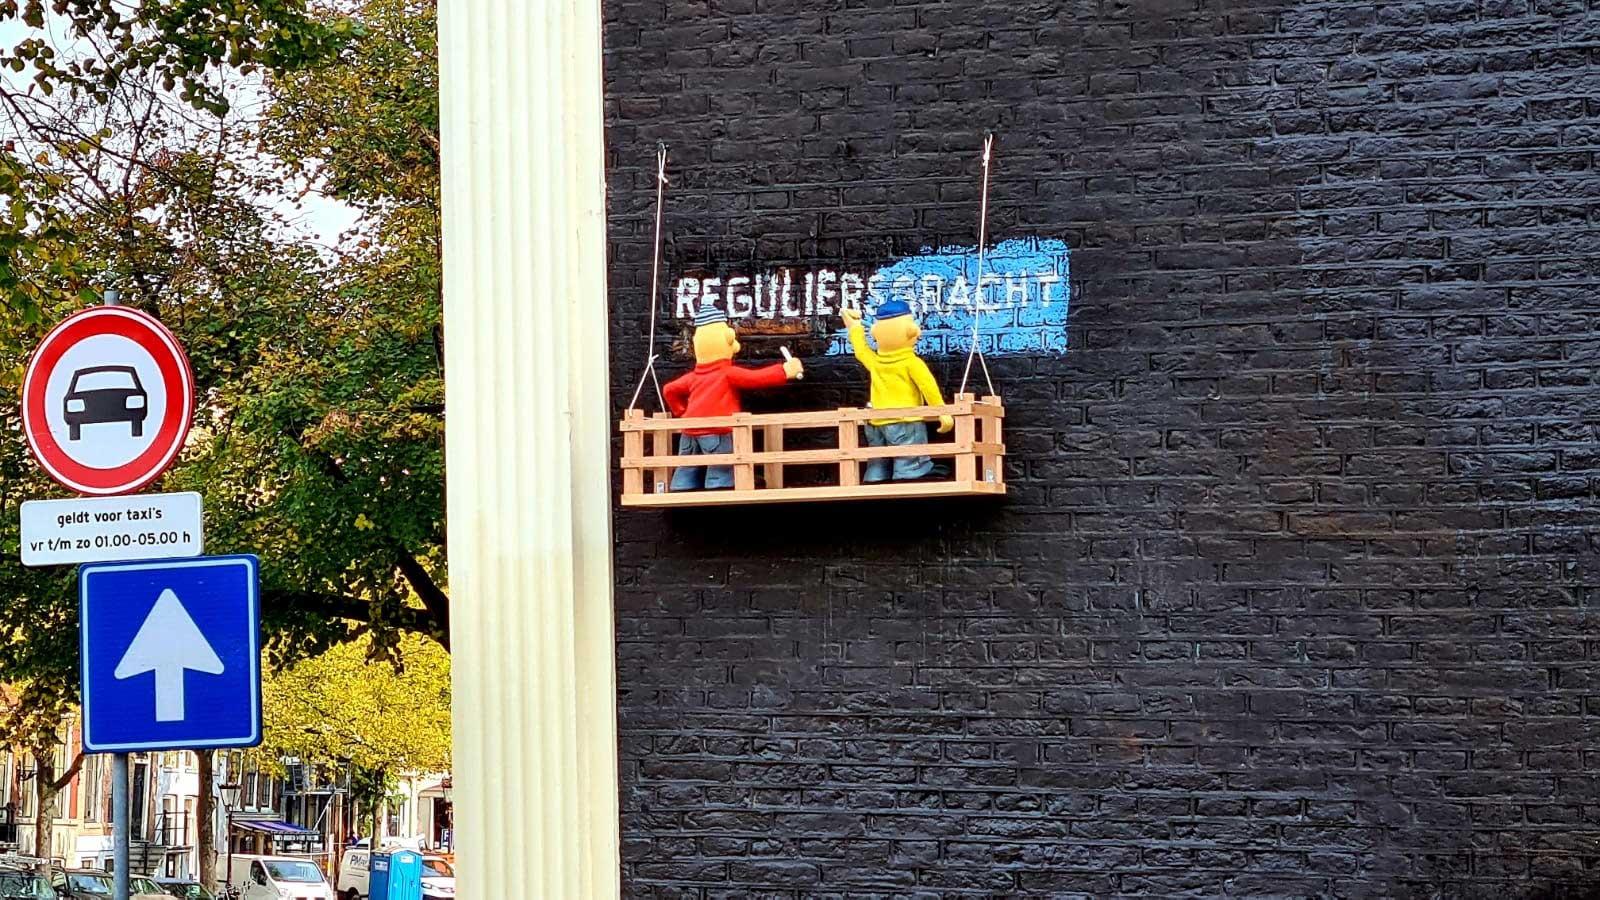 reguliersgracht-buurman